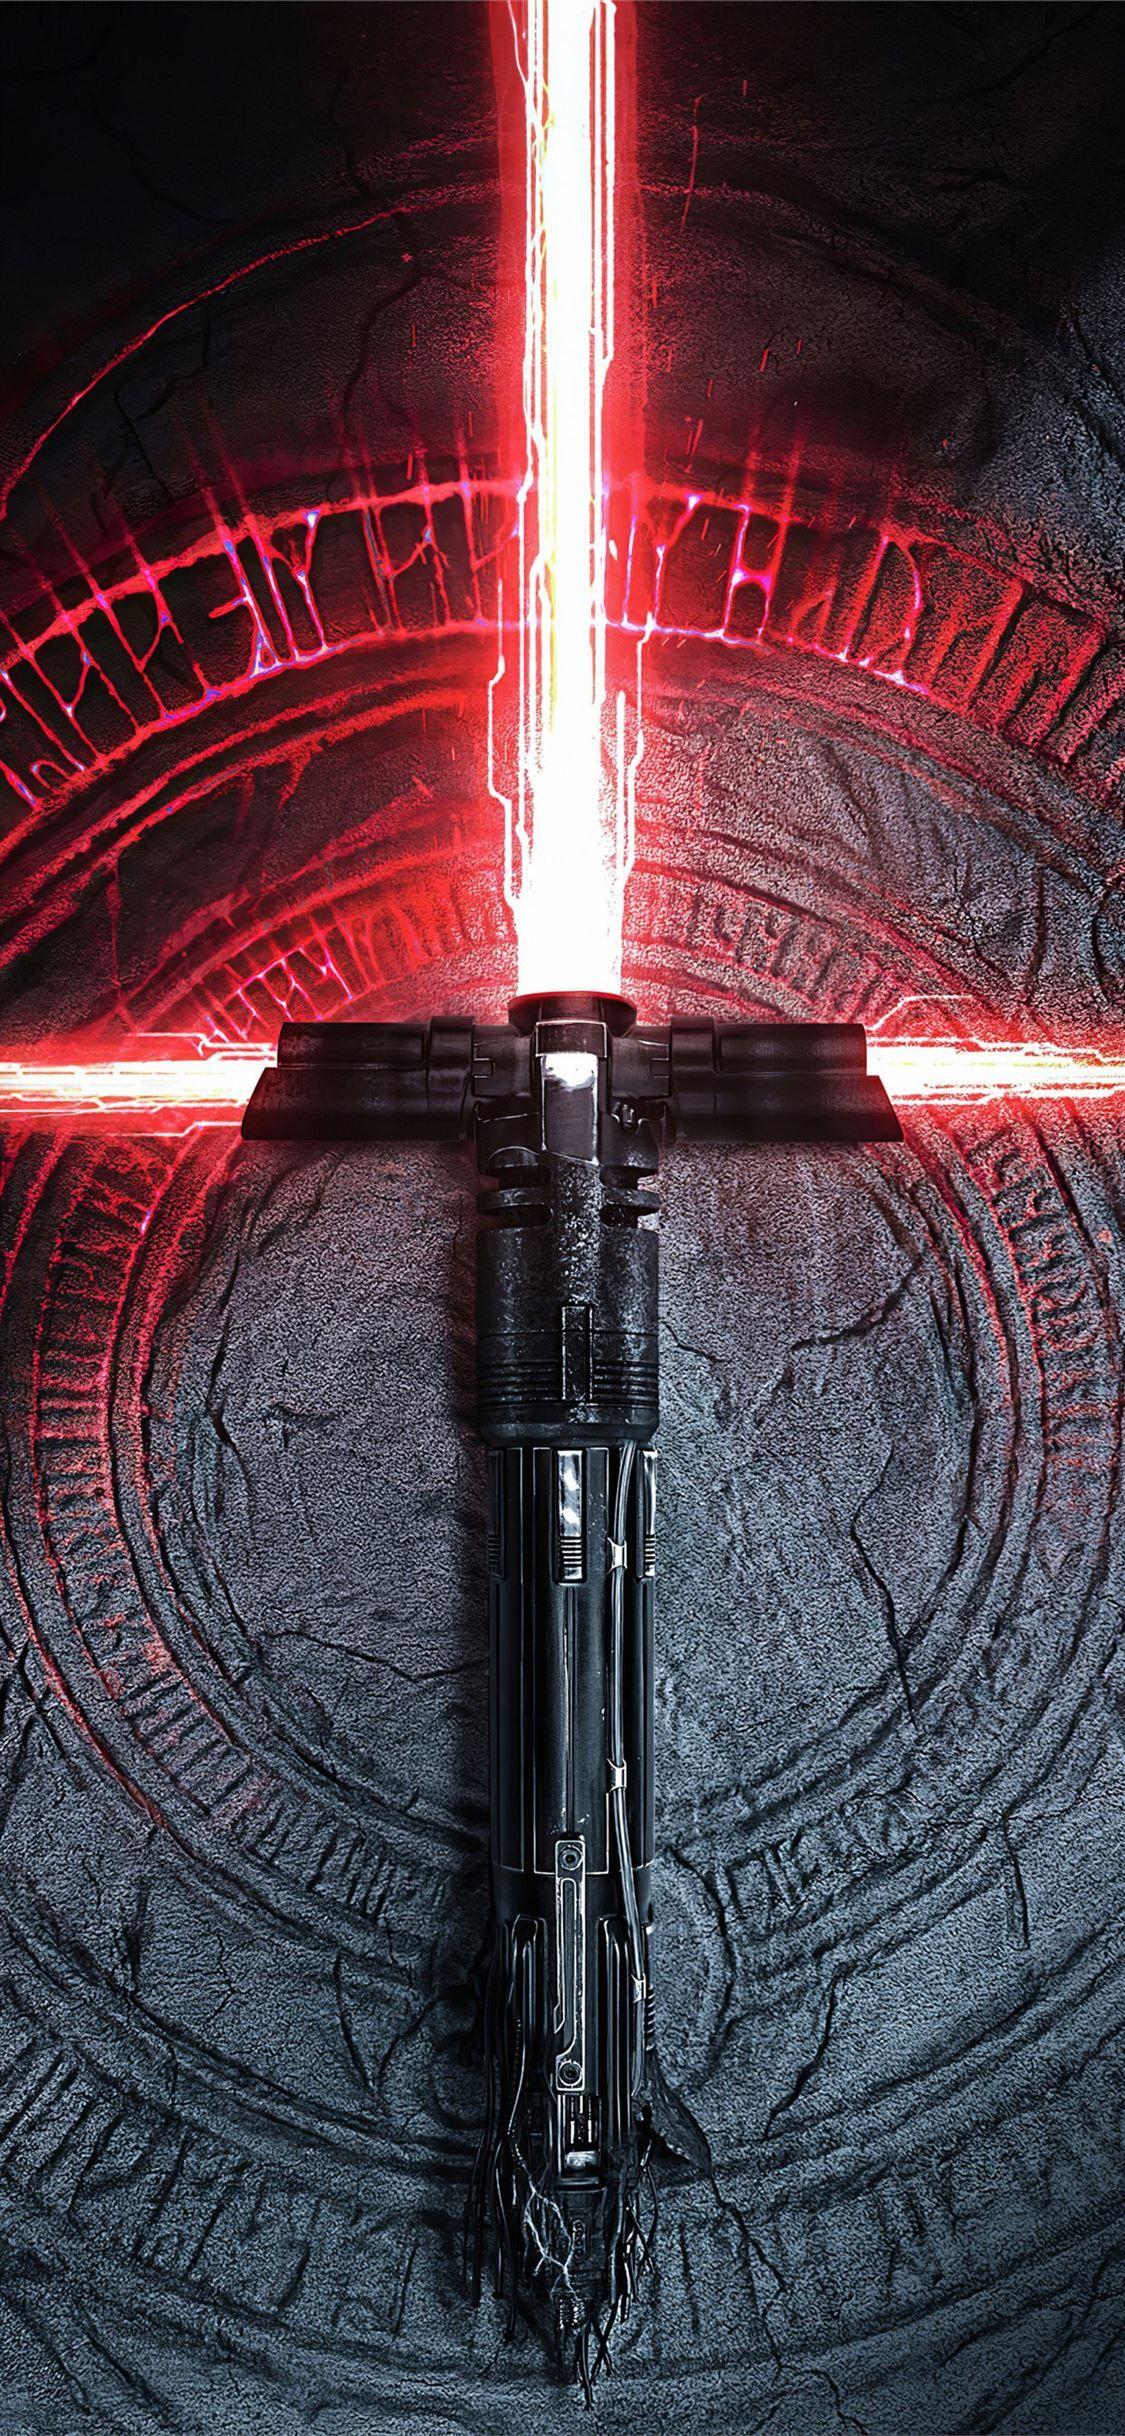 Kylo Ren Lightsaber Starwarstheriseofskywalker Rey Movies 2019movies Starwars 4k I In 2020 Star Wars Wallpaper Iphone Star Wars Light Saber Star Wars Background